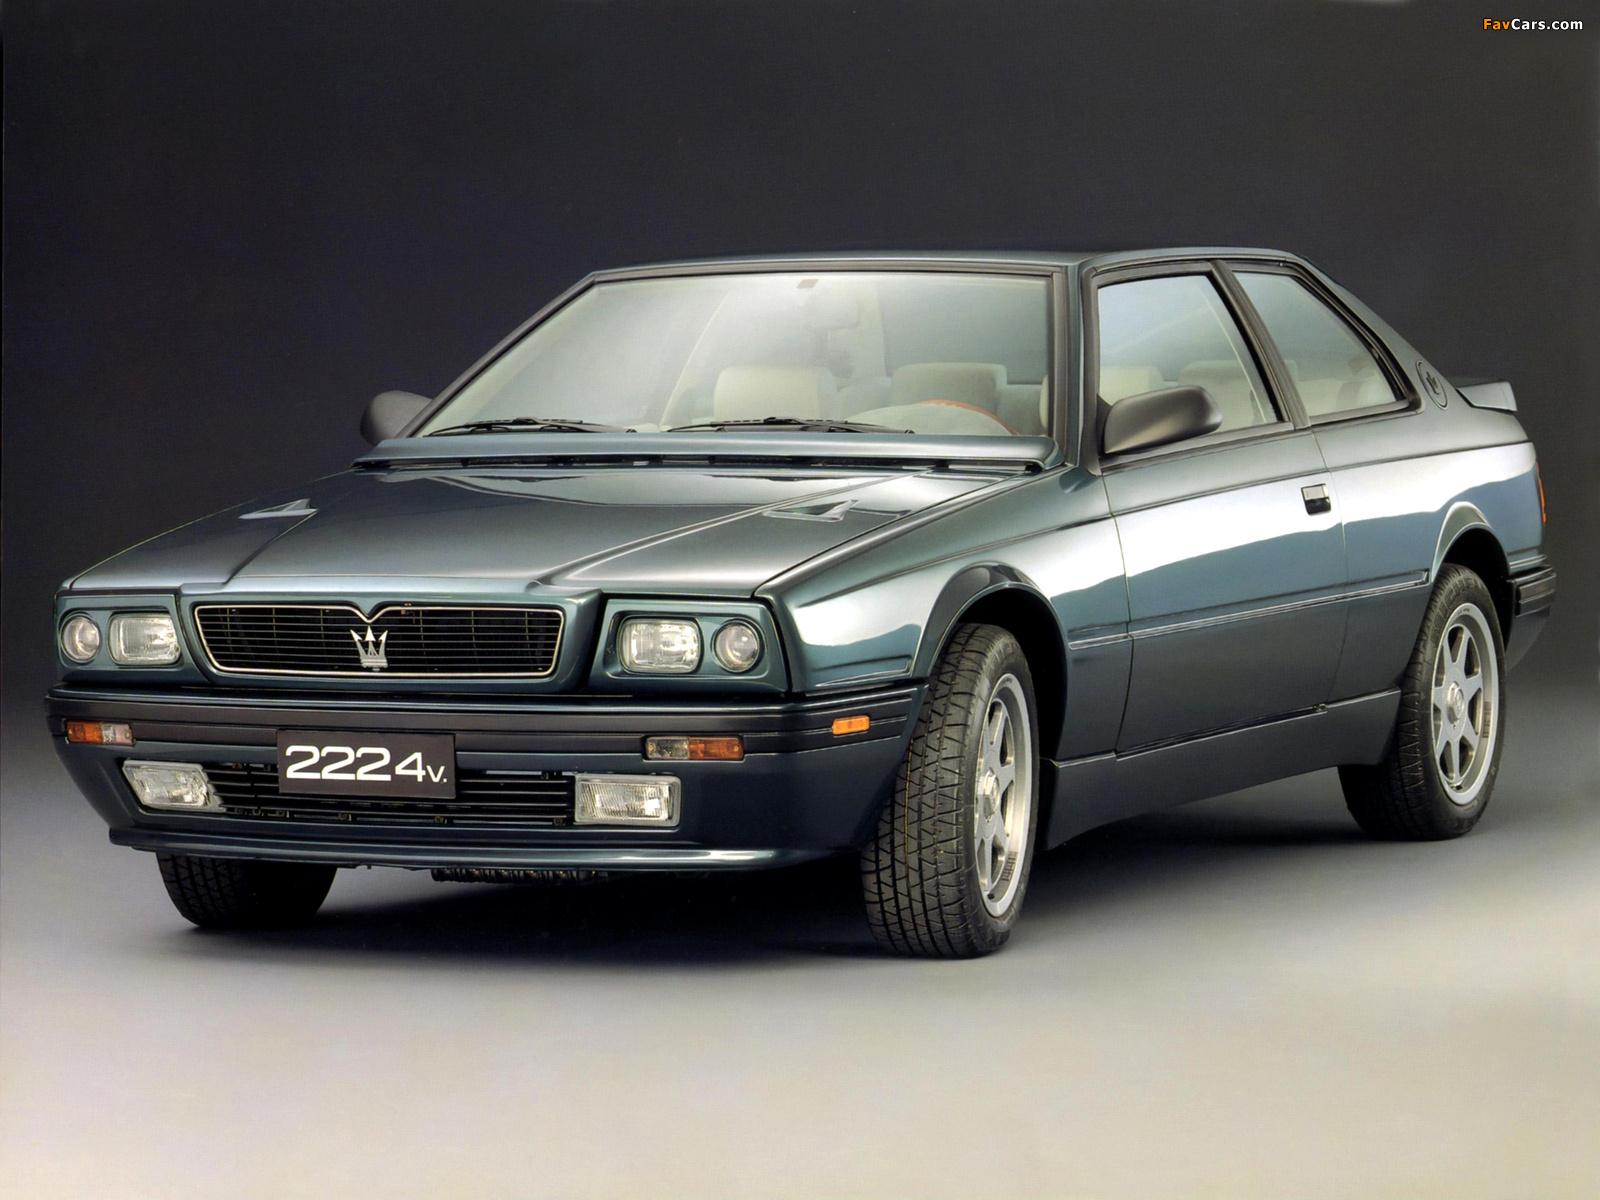 presentazione e informazione Maserati_biturbo_1991 ...